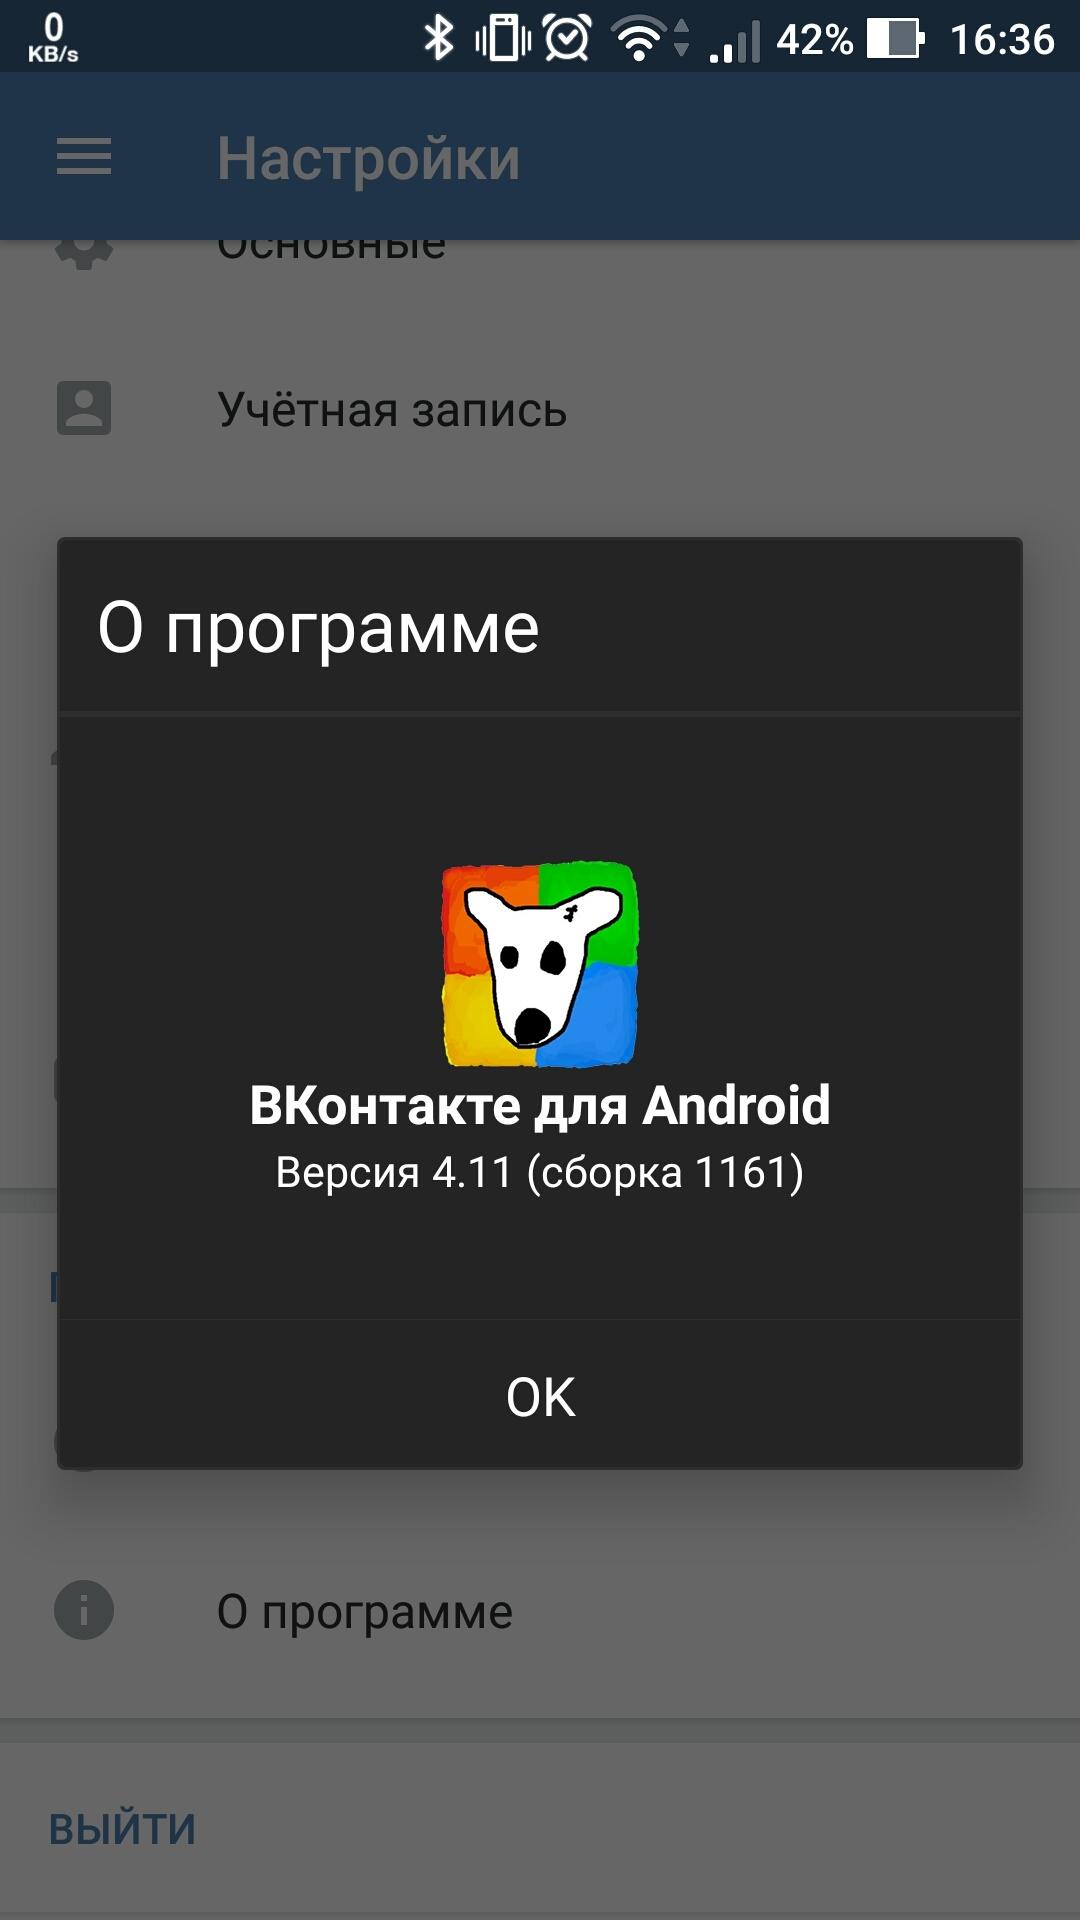 9ace0fc60865 Раздражающий вконтакте (приложение) и решение проблемы. Андроид ВКонтакте,  Приложение, Приложение на